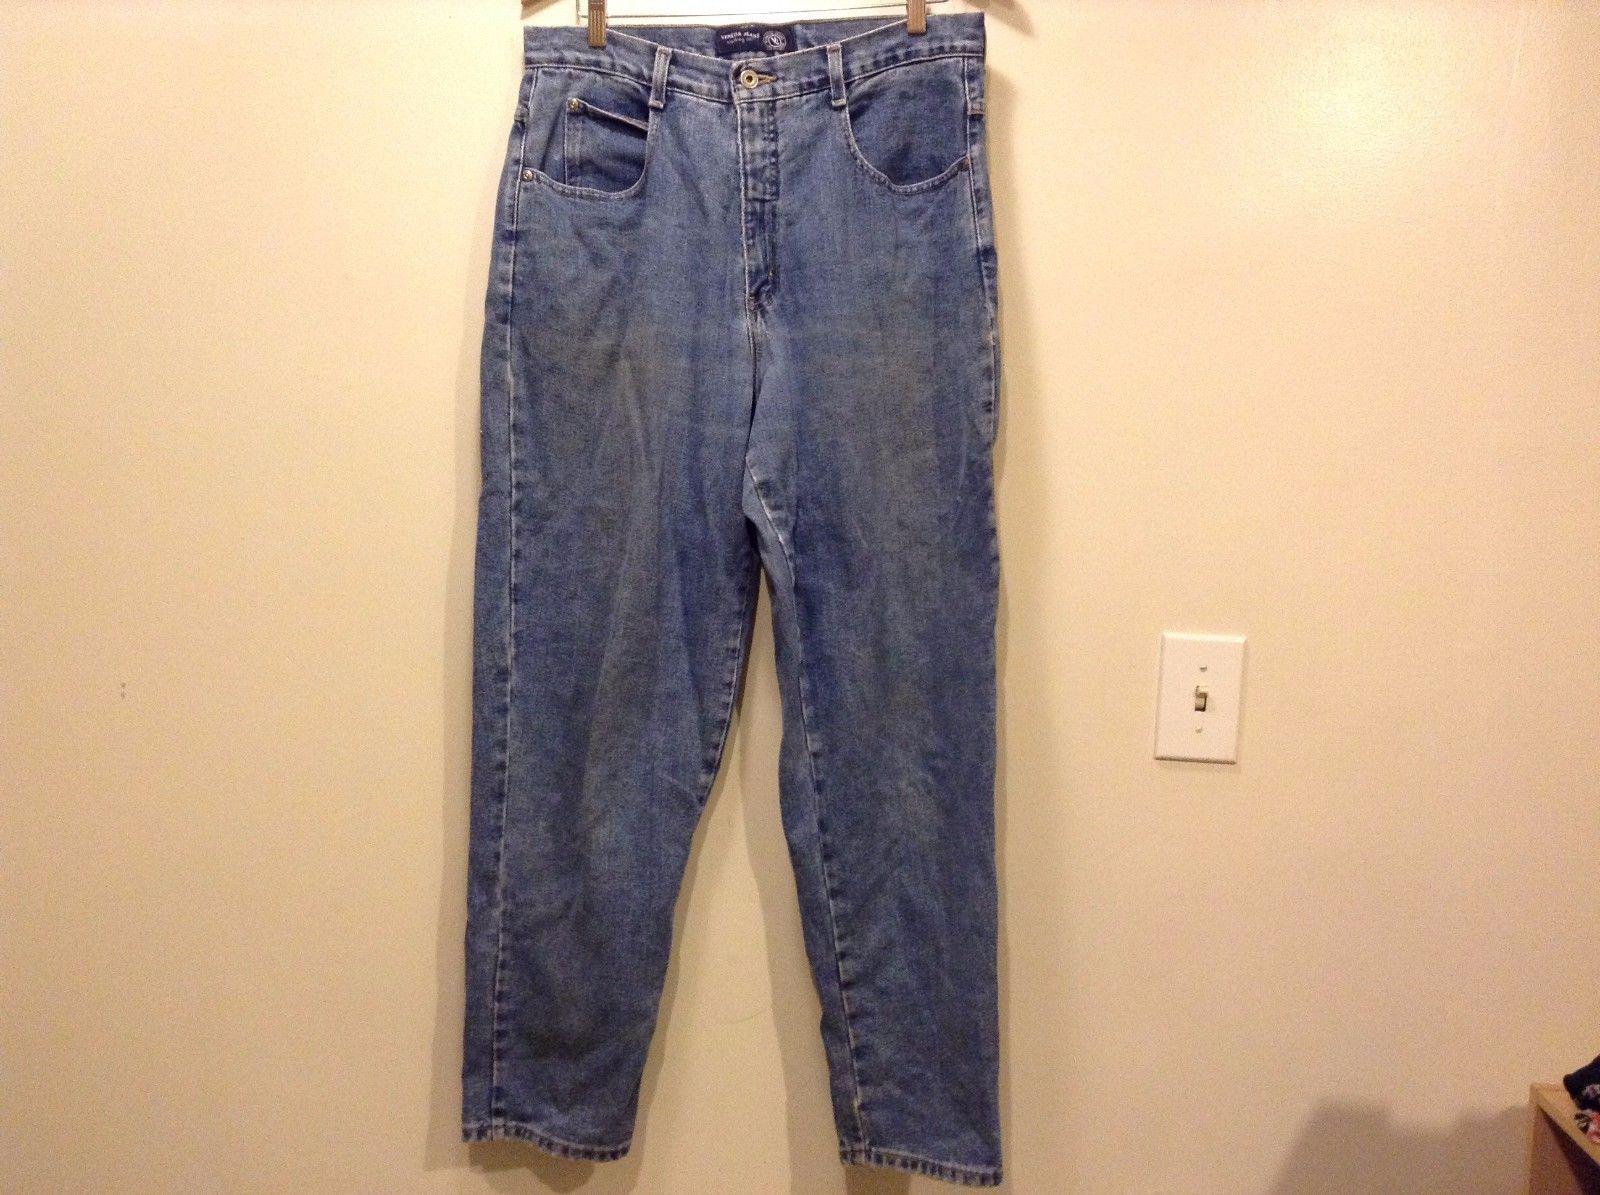 Great Condition Venezia Jeans Size 16 Blue Denim Pants Zipper Button 4 Pockets